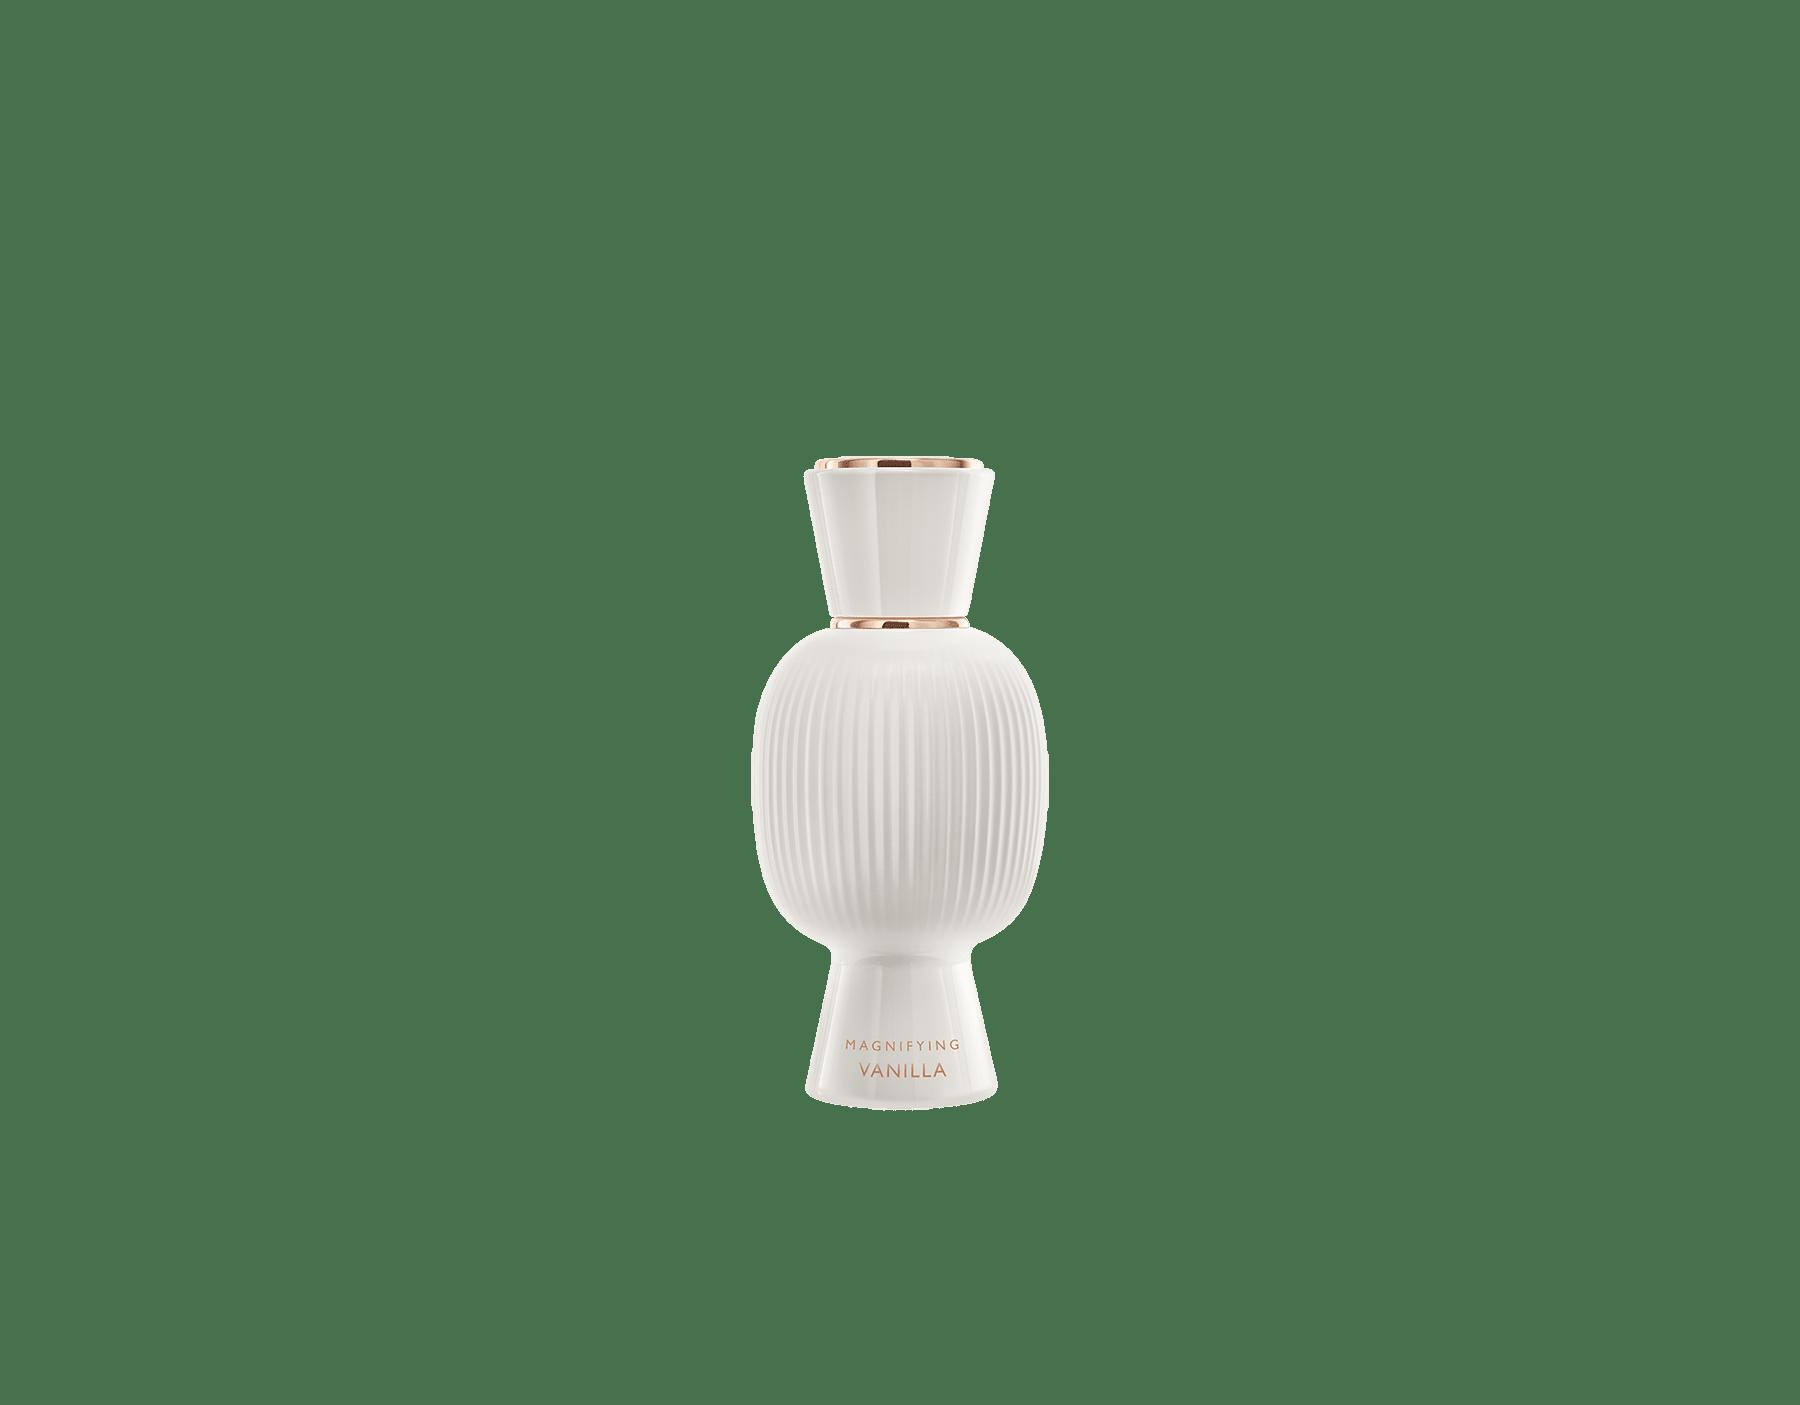 Эксклюзивный парфюмерный набор, вам под стать – такой же смелый и уникальный. В сочетании ярких шипровых нот парфюмерной воды Fantasia Veneta Allegra и соблазнительного благоухания эссенции Magnifying Vanilla рождается неотразимый женский аромат с индивидуальным характером. Perfume-Set-Fantasia-Veneta-Eau-de-Parfum-and-Vanilla-Magnifying image 3